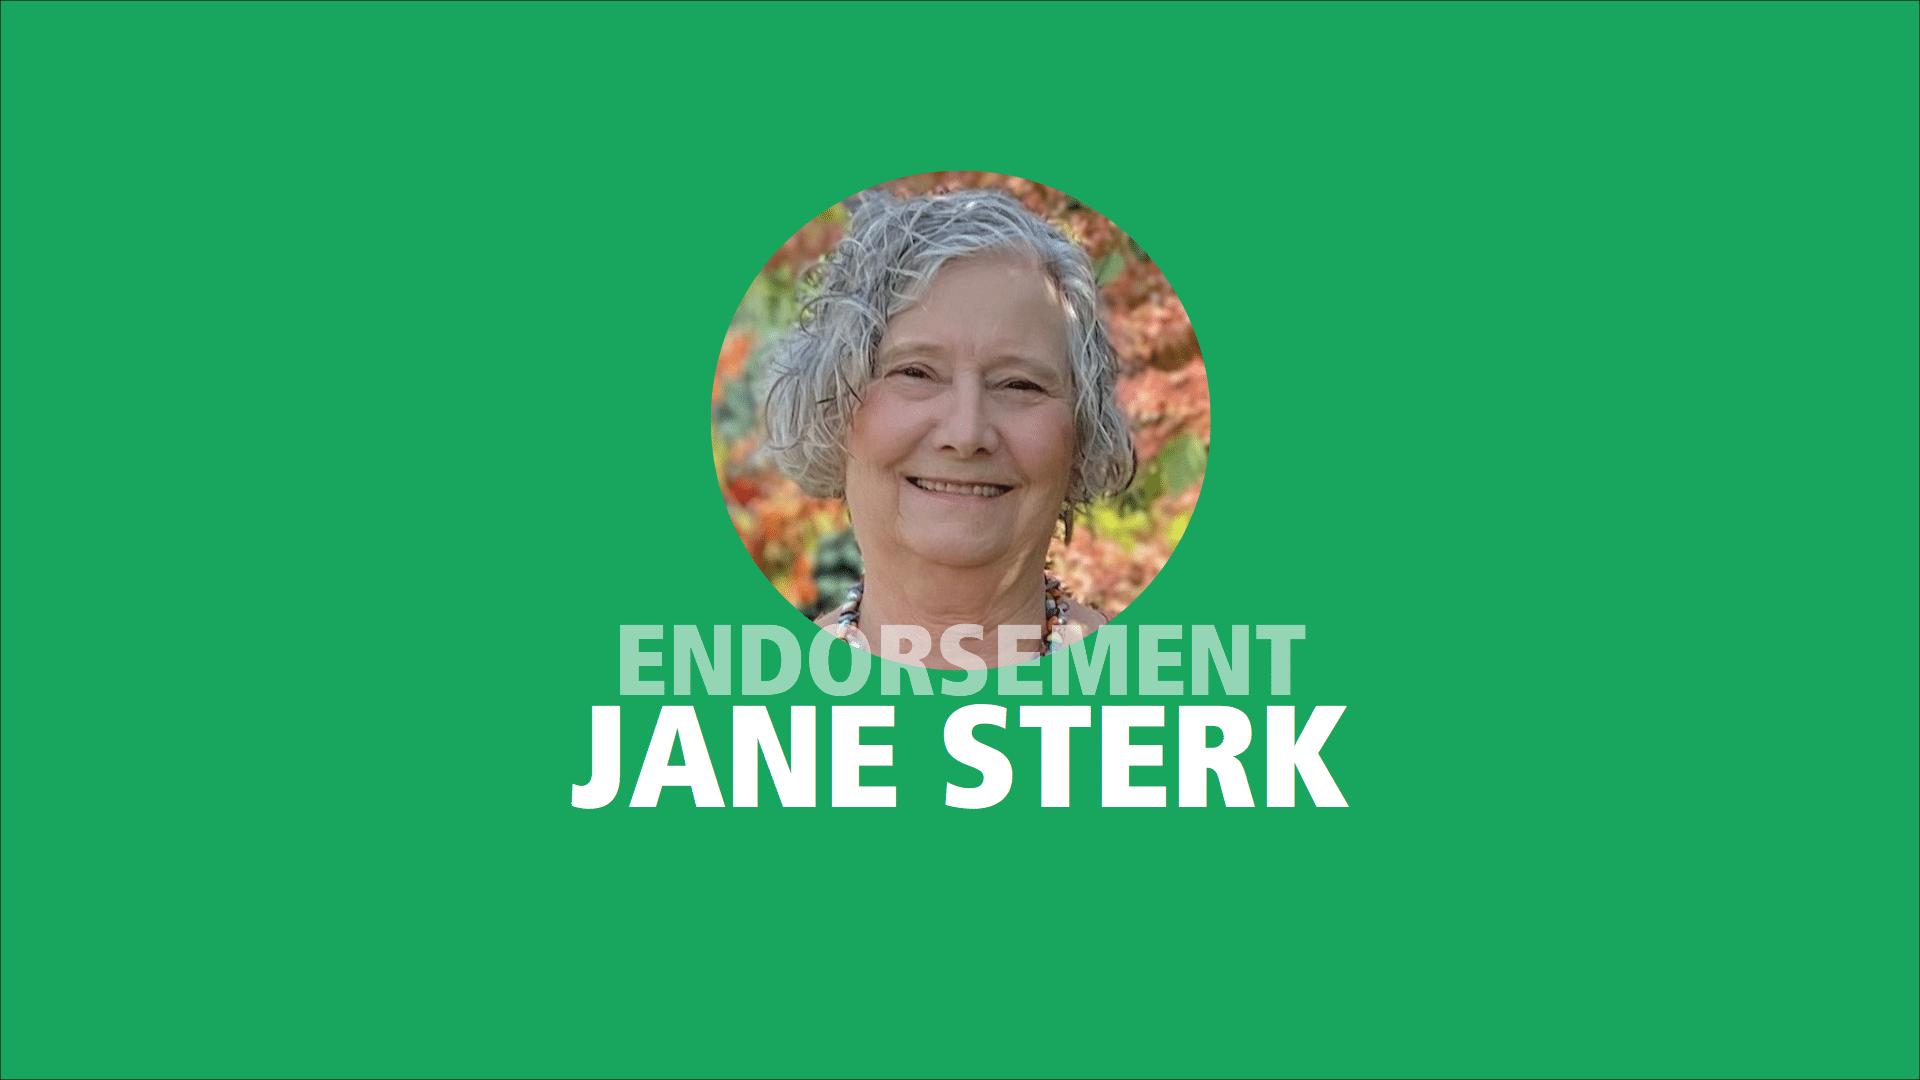 Jane Sterk endorses Adam Olsen